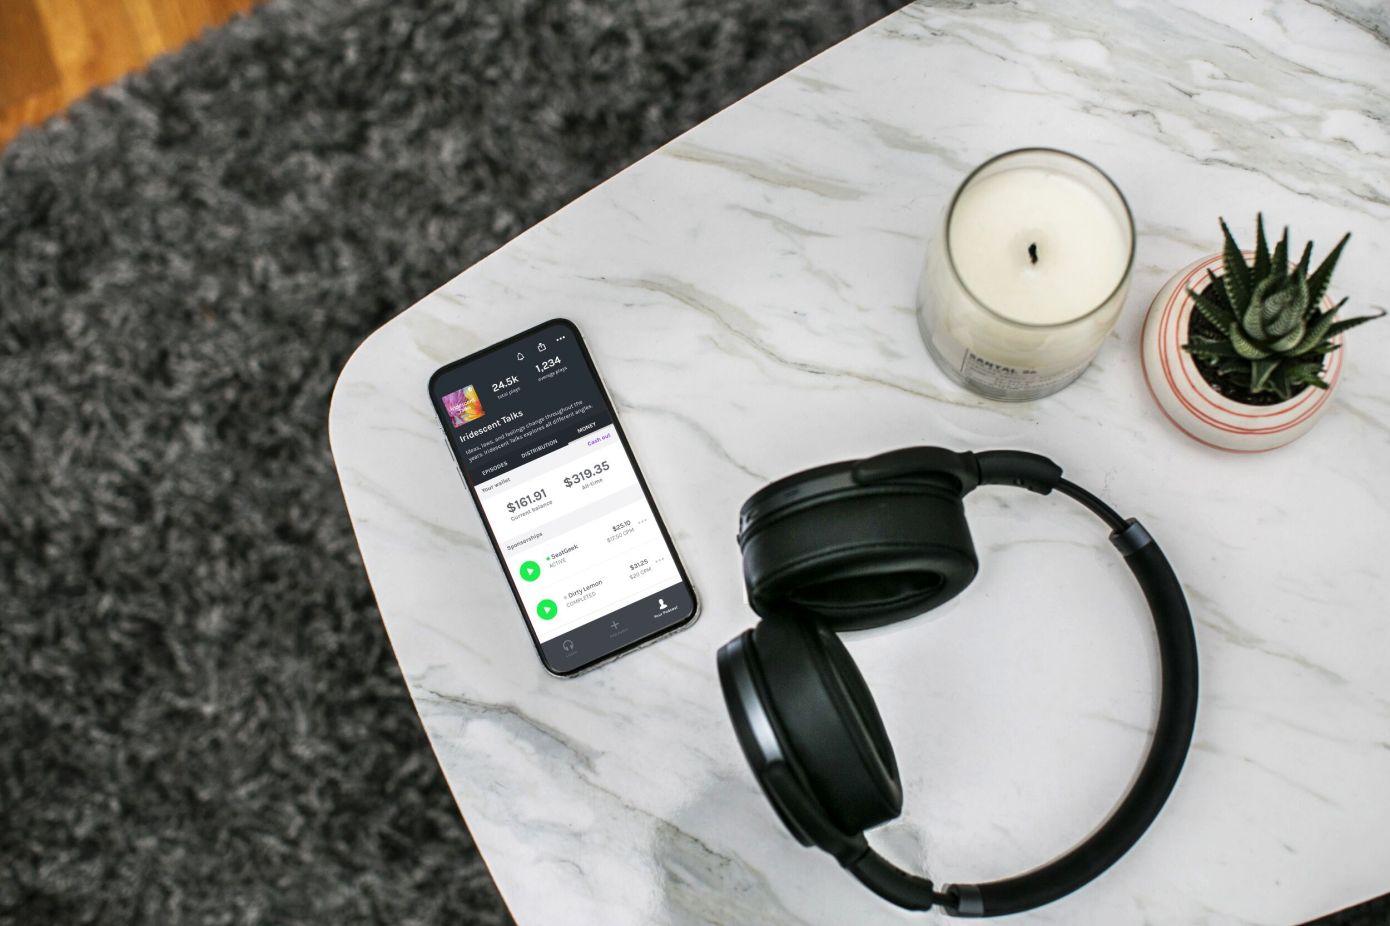 Anchor, la aplicación de podcasting de Spotify, ayuda a crear trailers